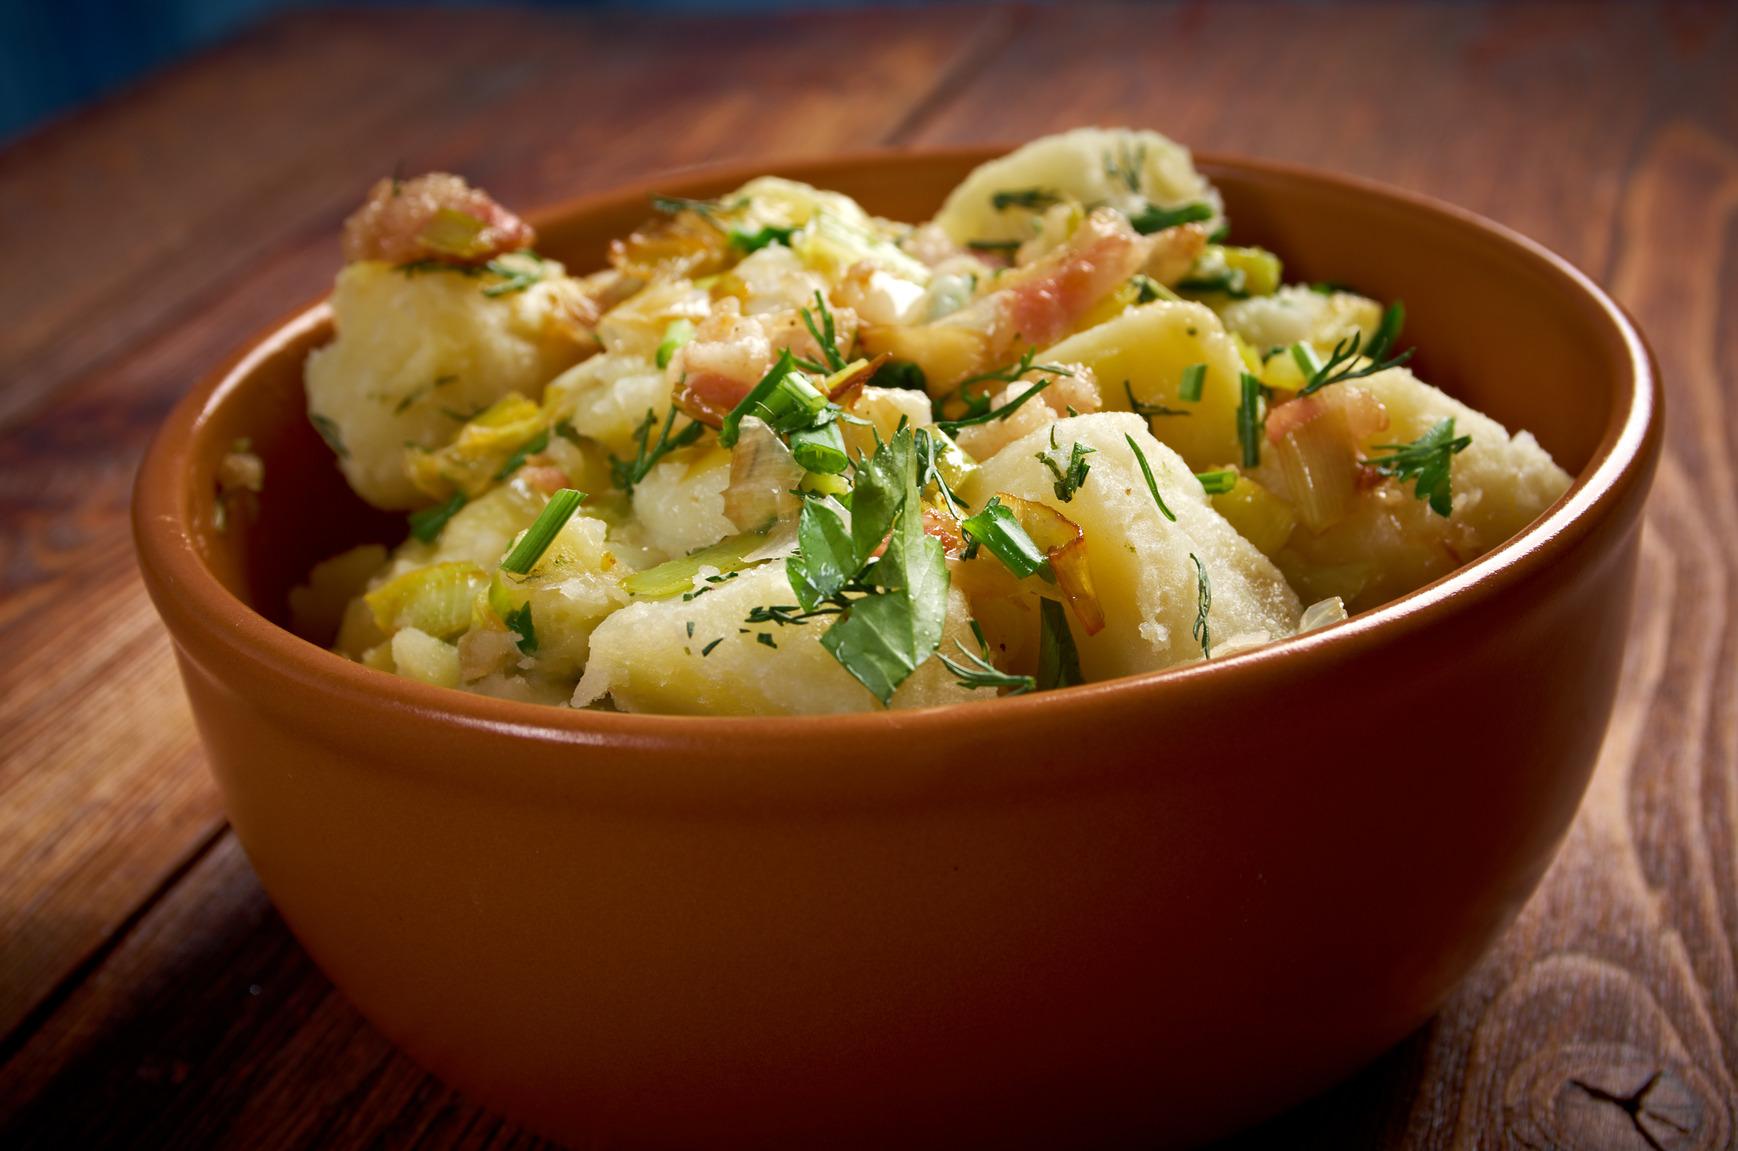 recette kartoffelsalat salade pommes de terre le blog de. Black Bedroom Furniture Sets. Home Design Ideas